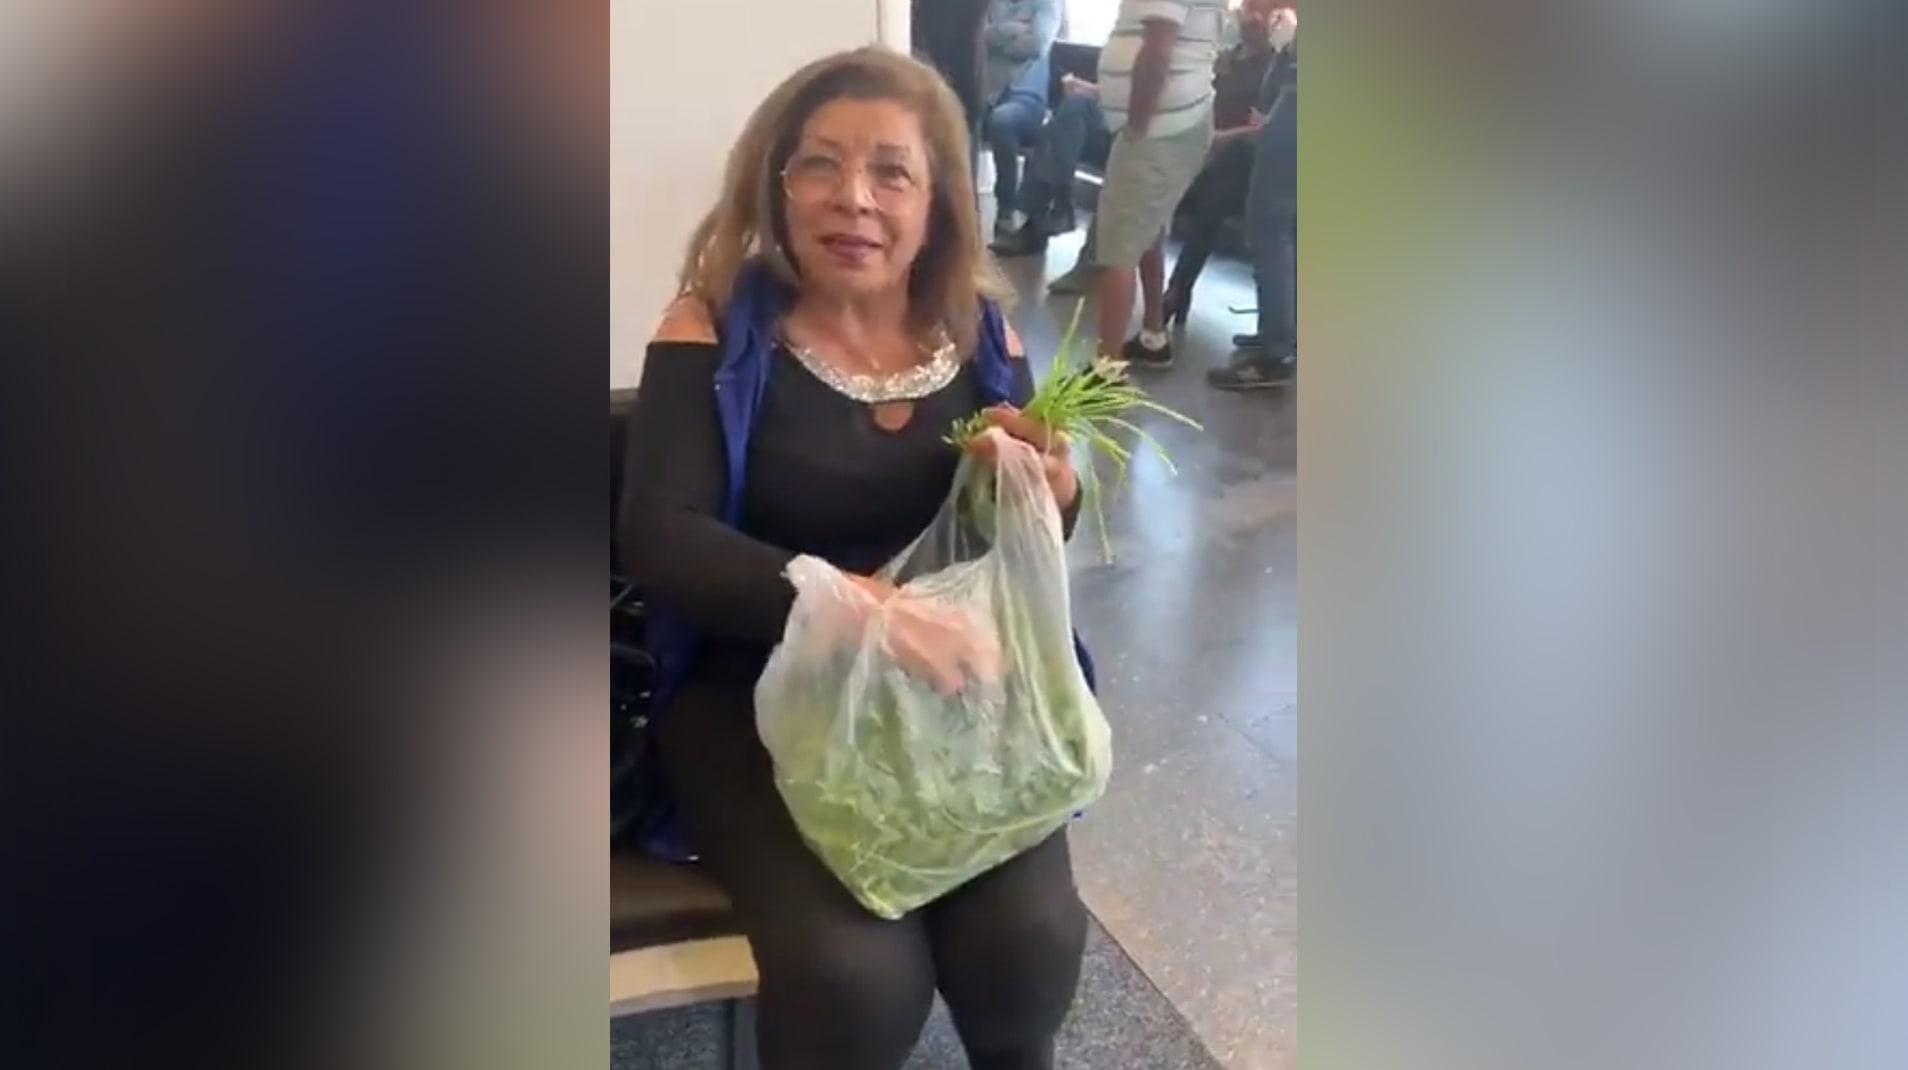 السيدة اللبنانية التي انتشر فيديو لها وهي تحضر طبق التبولة في أحد المصارف